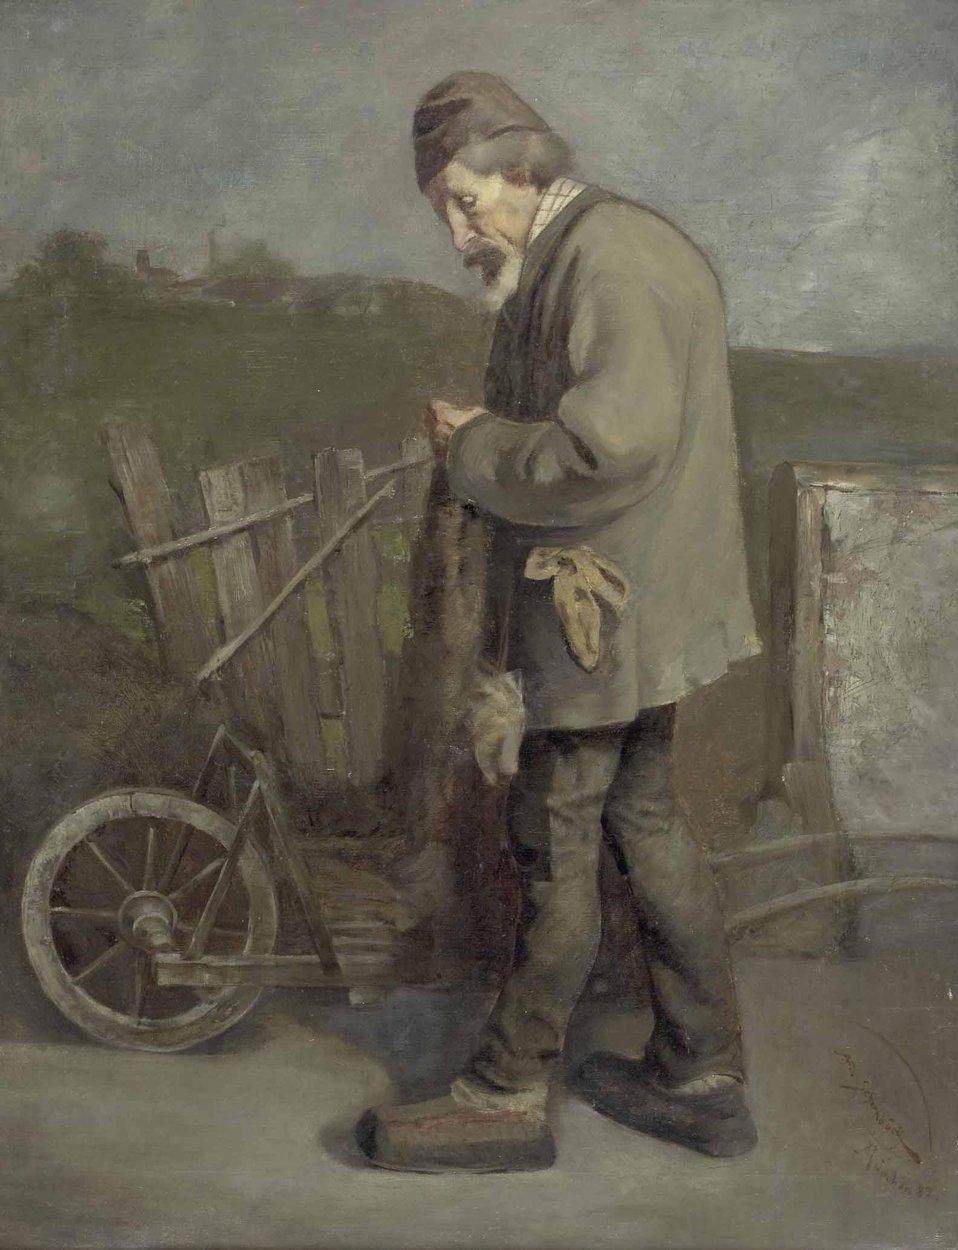 'Älterer Herr mit Schubkarre und Jutesack', unten rechts signiert und datiert: Al. Schornböck, München (18)87, Öl auf Leinwand, ca. 90 x 68 cm